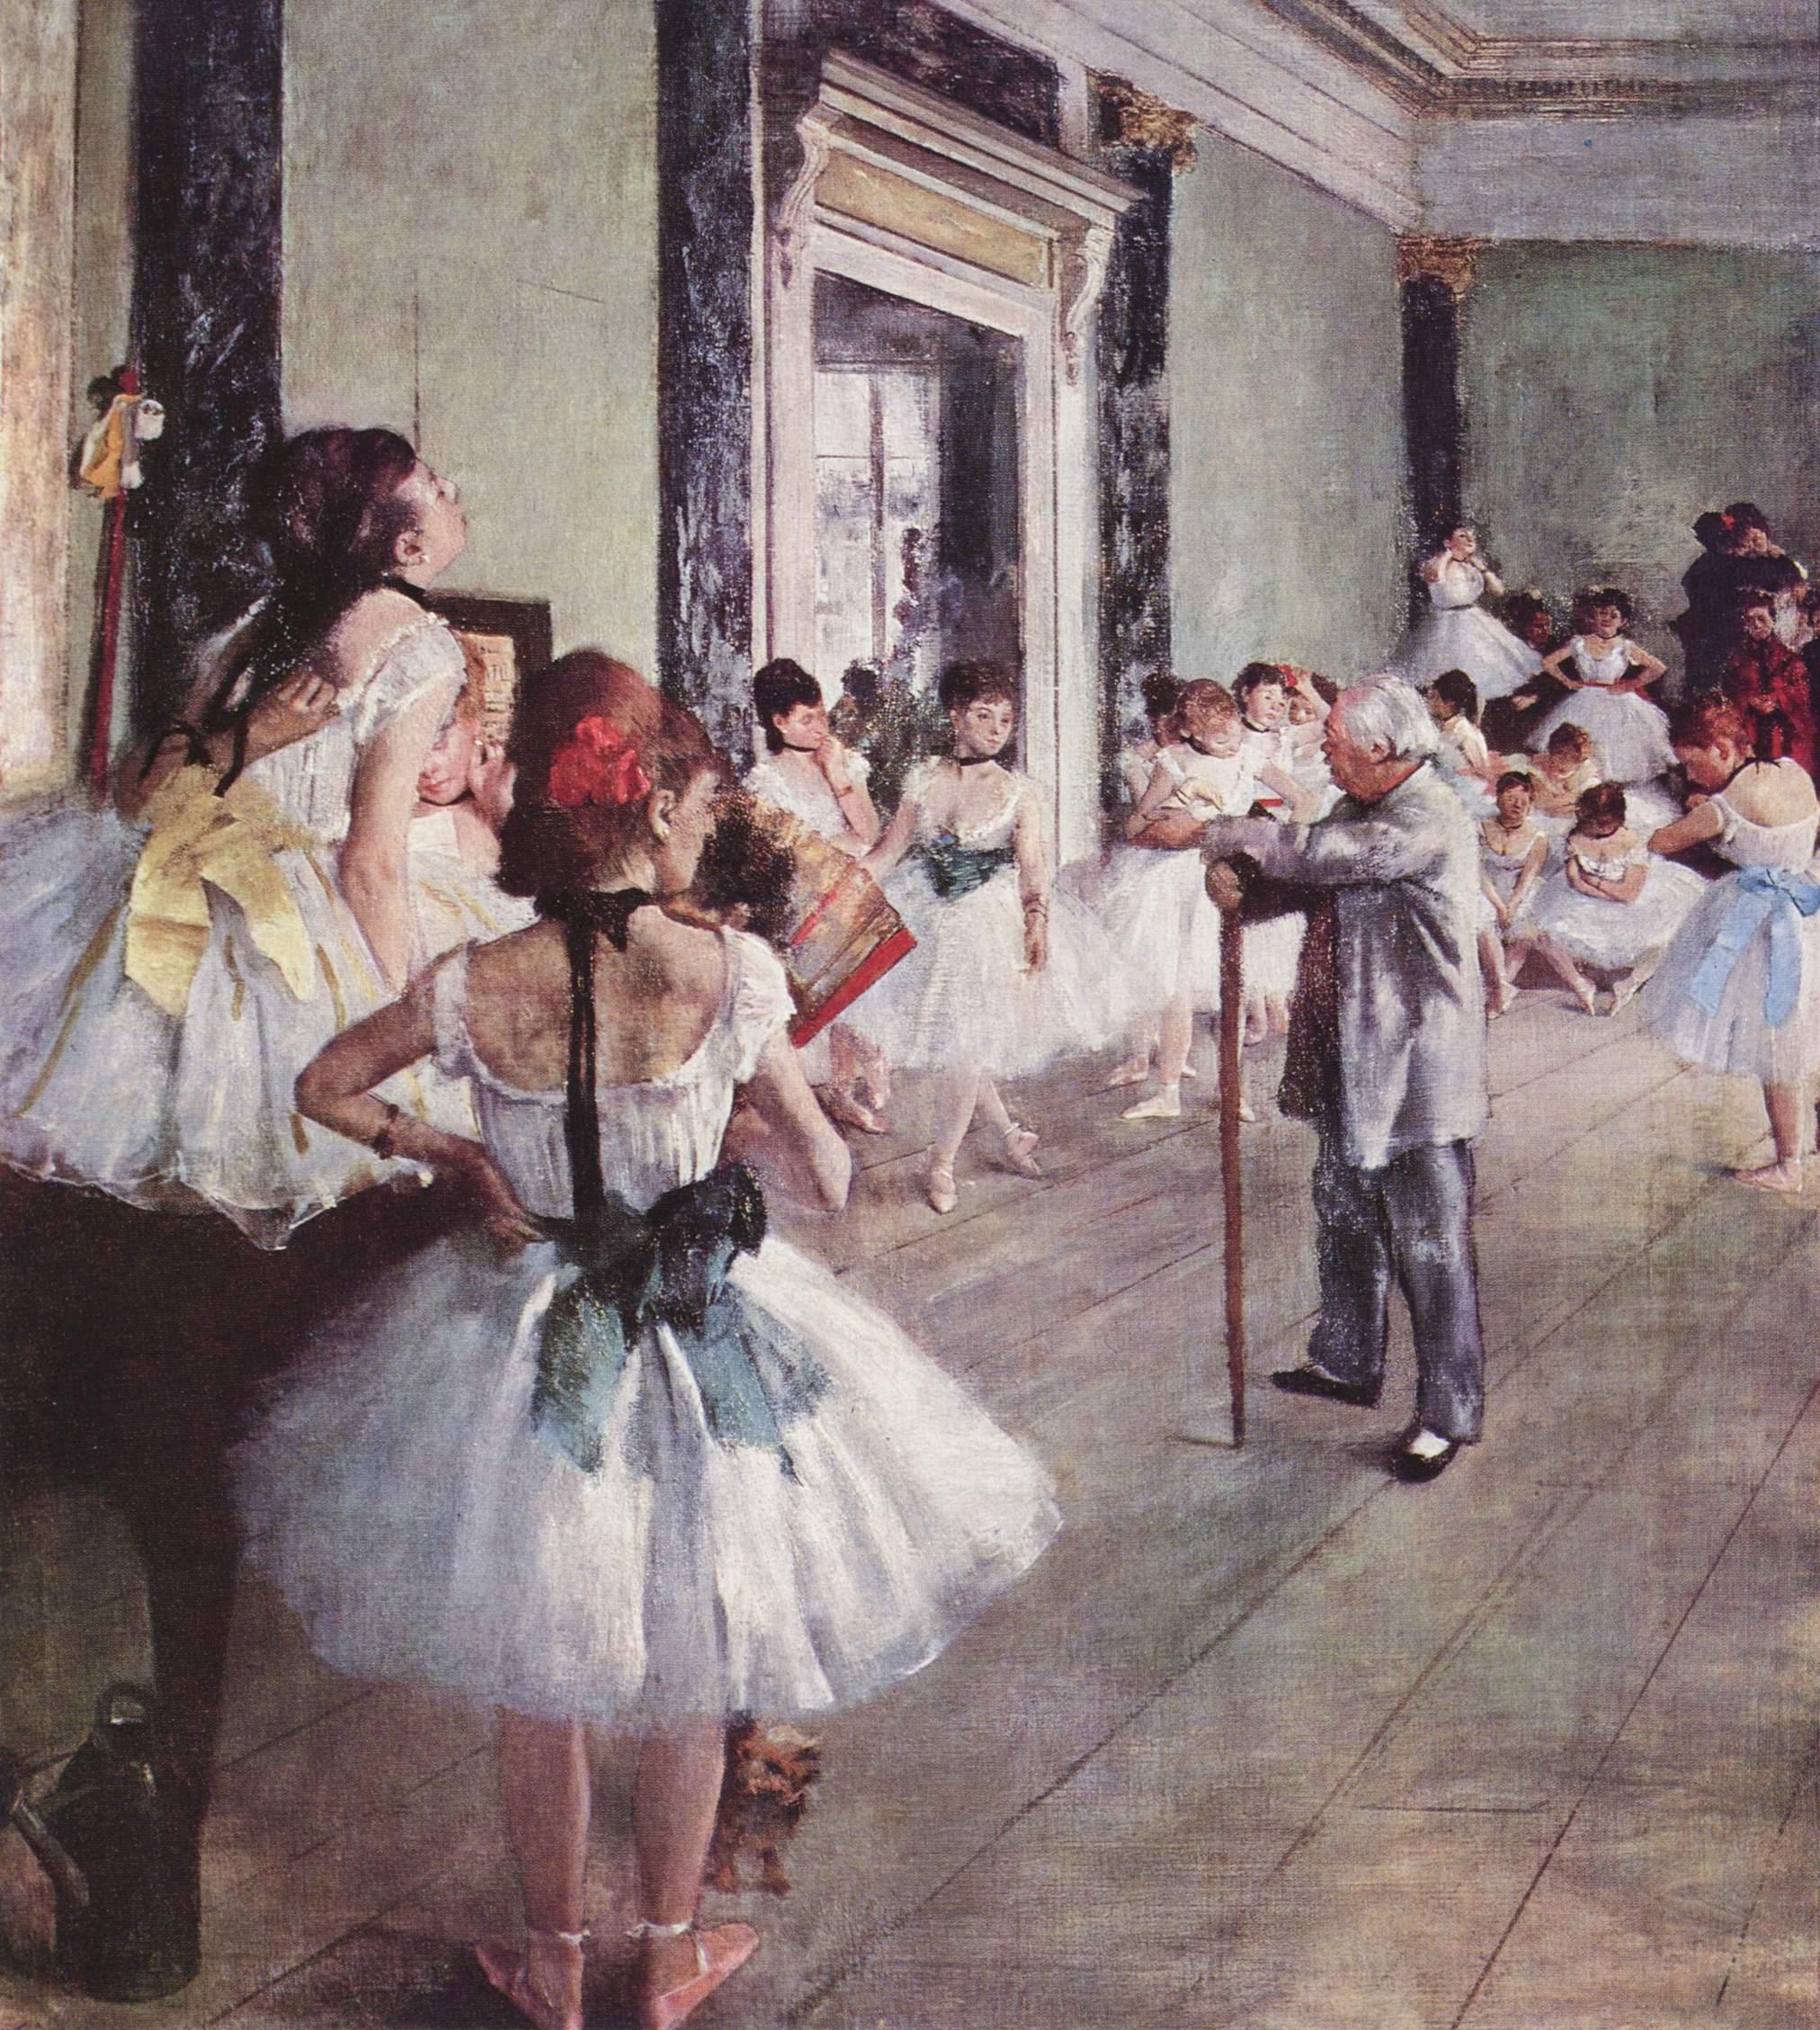 degas-dance-class